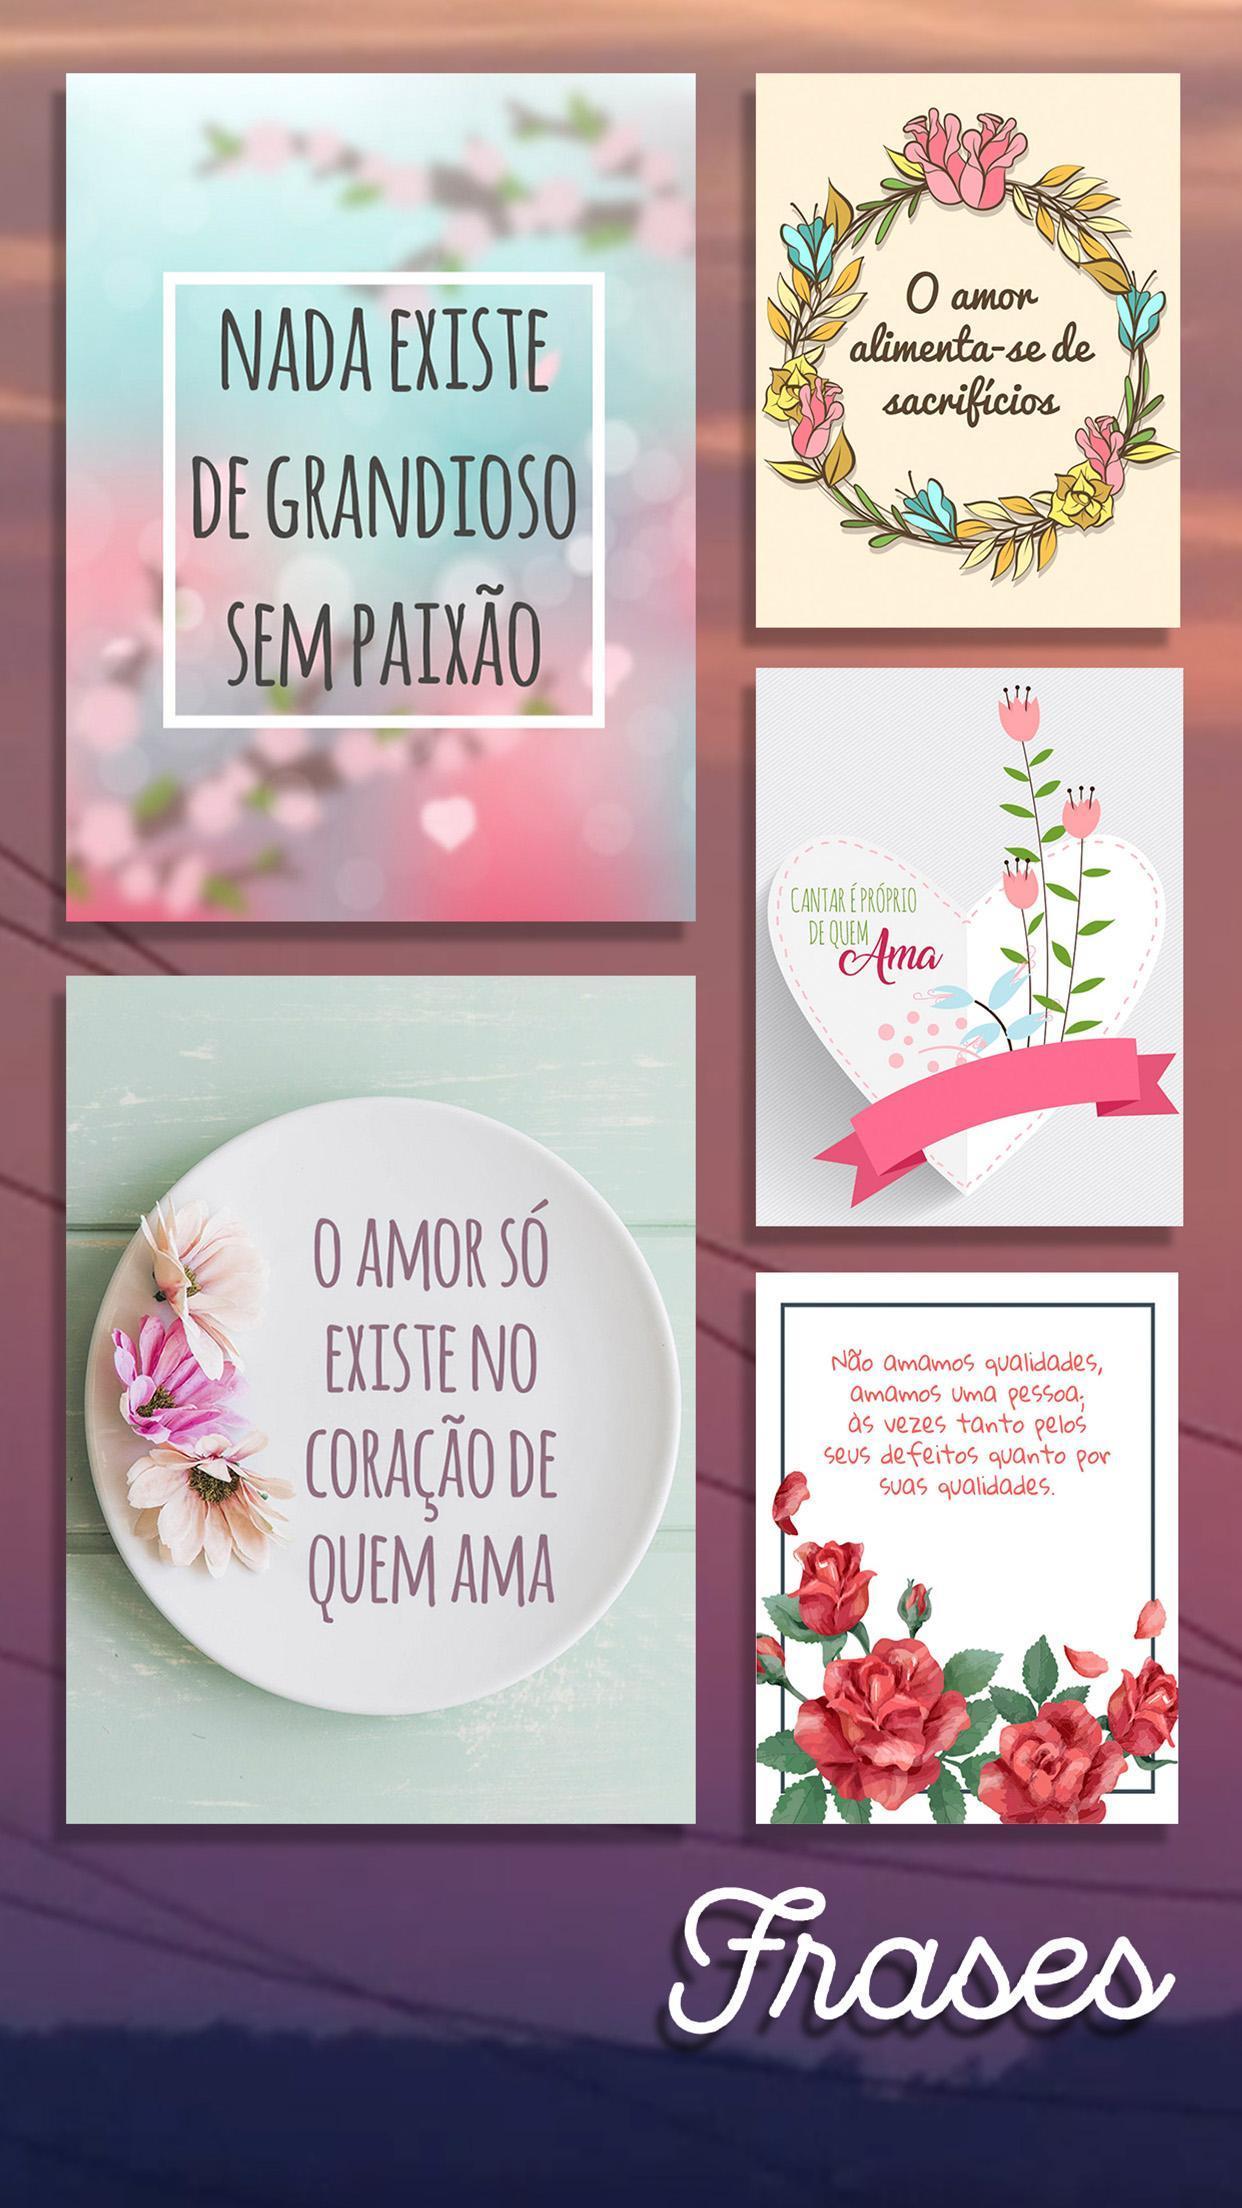 Frases De Amor Conquista E Muito Mais For Android Apk